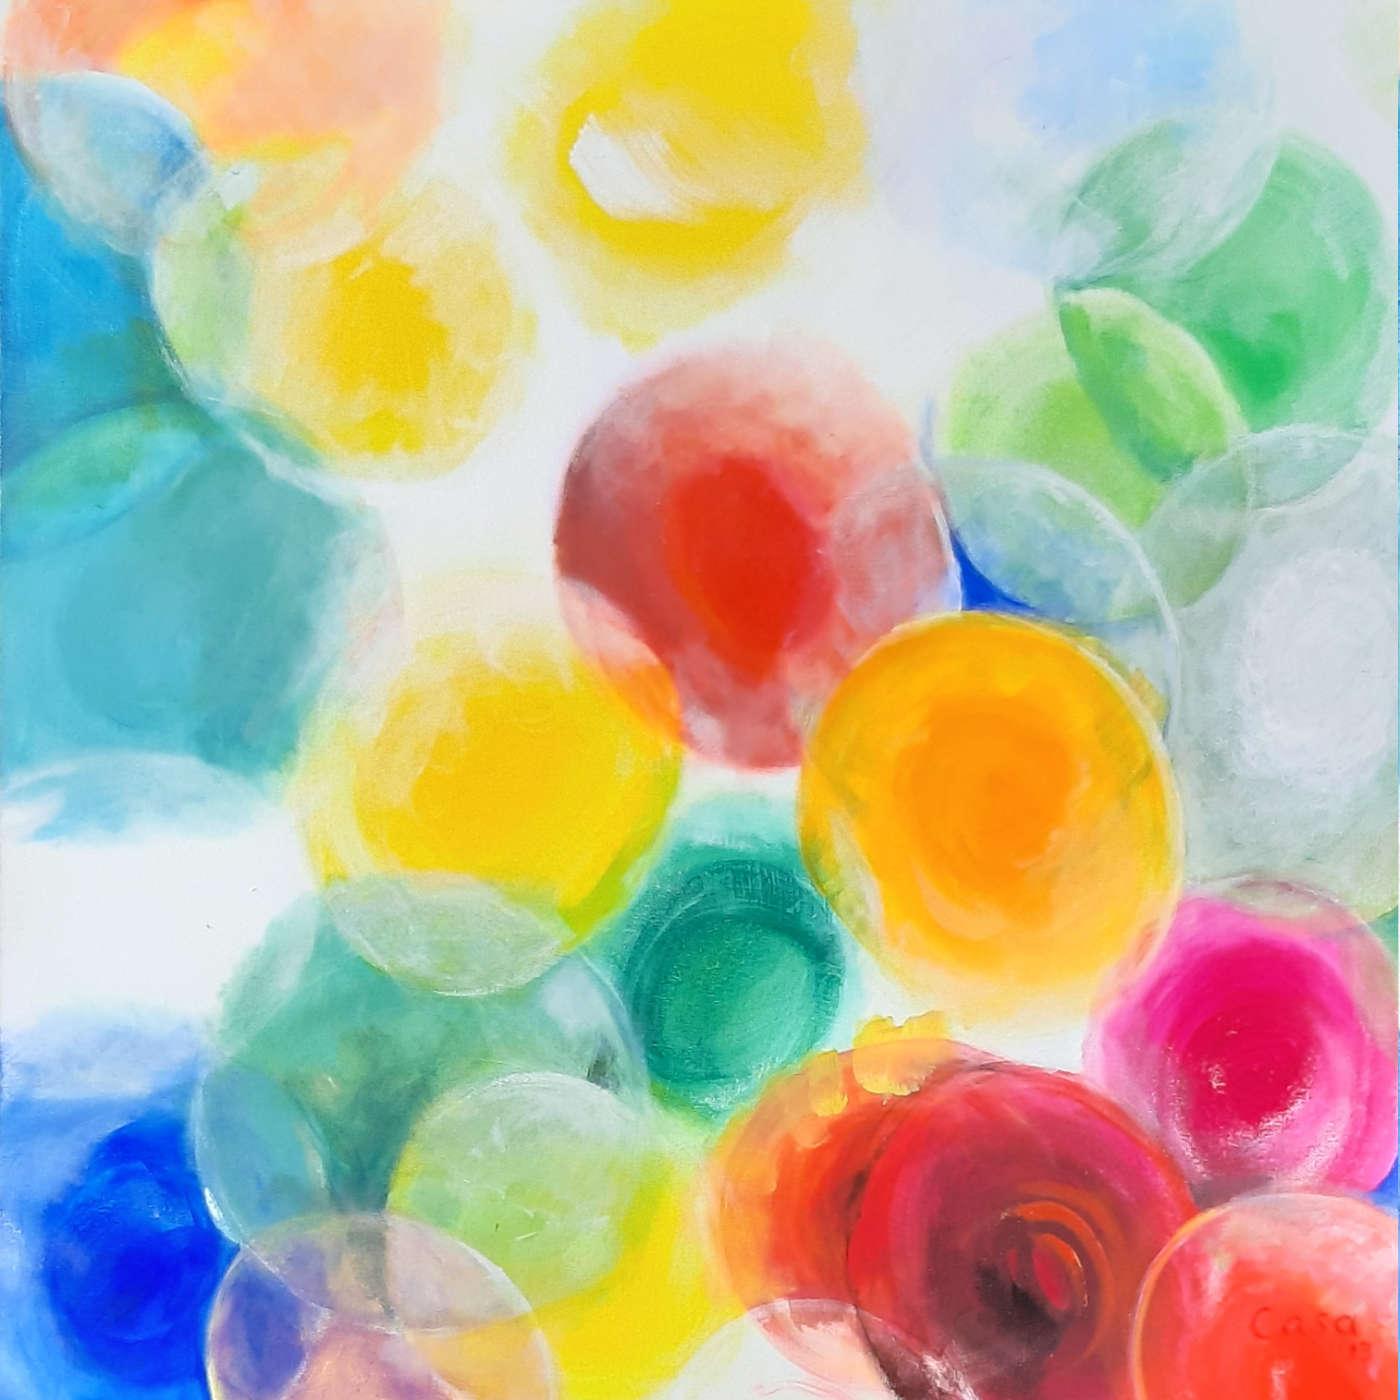 Farben im Licht - Acryl auf Leinwand, 100 x 100 cm